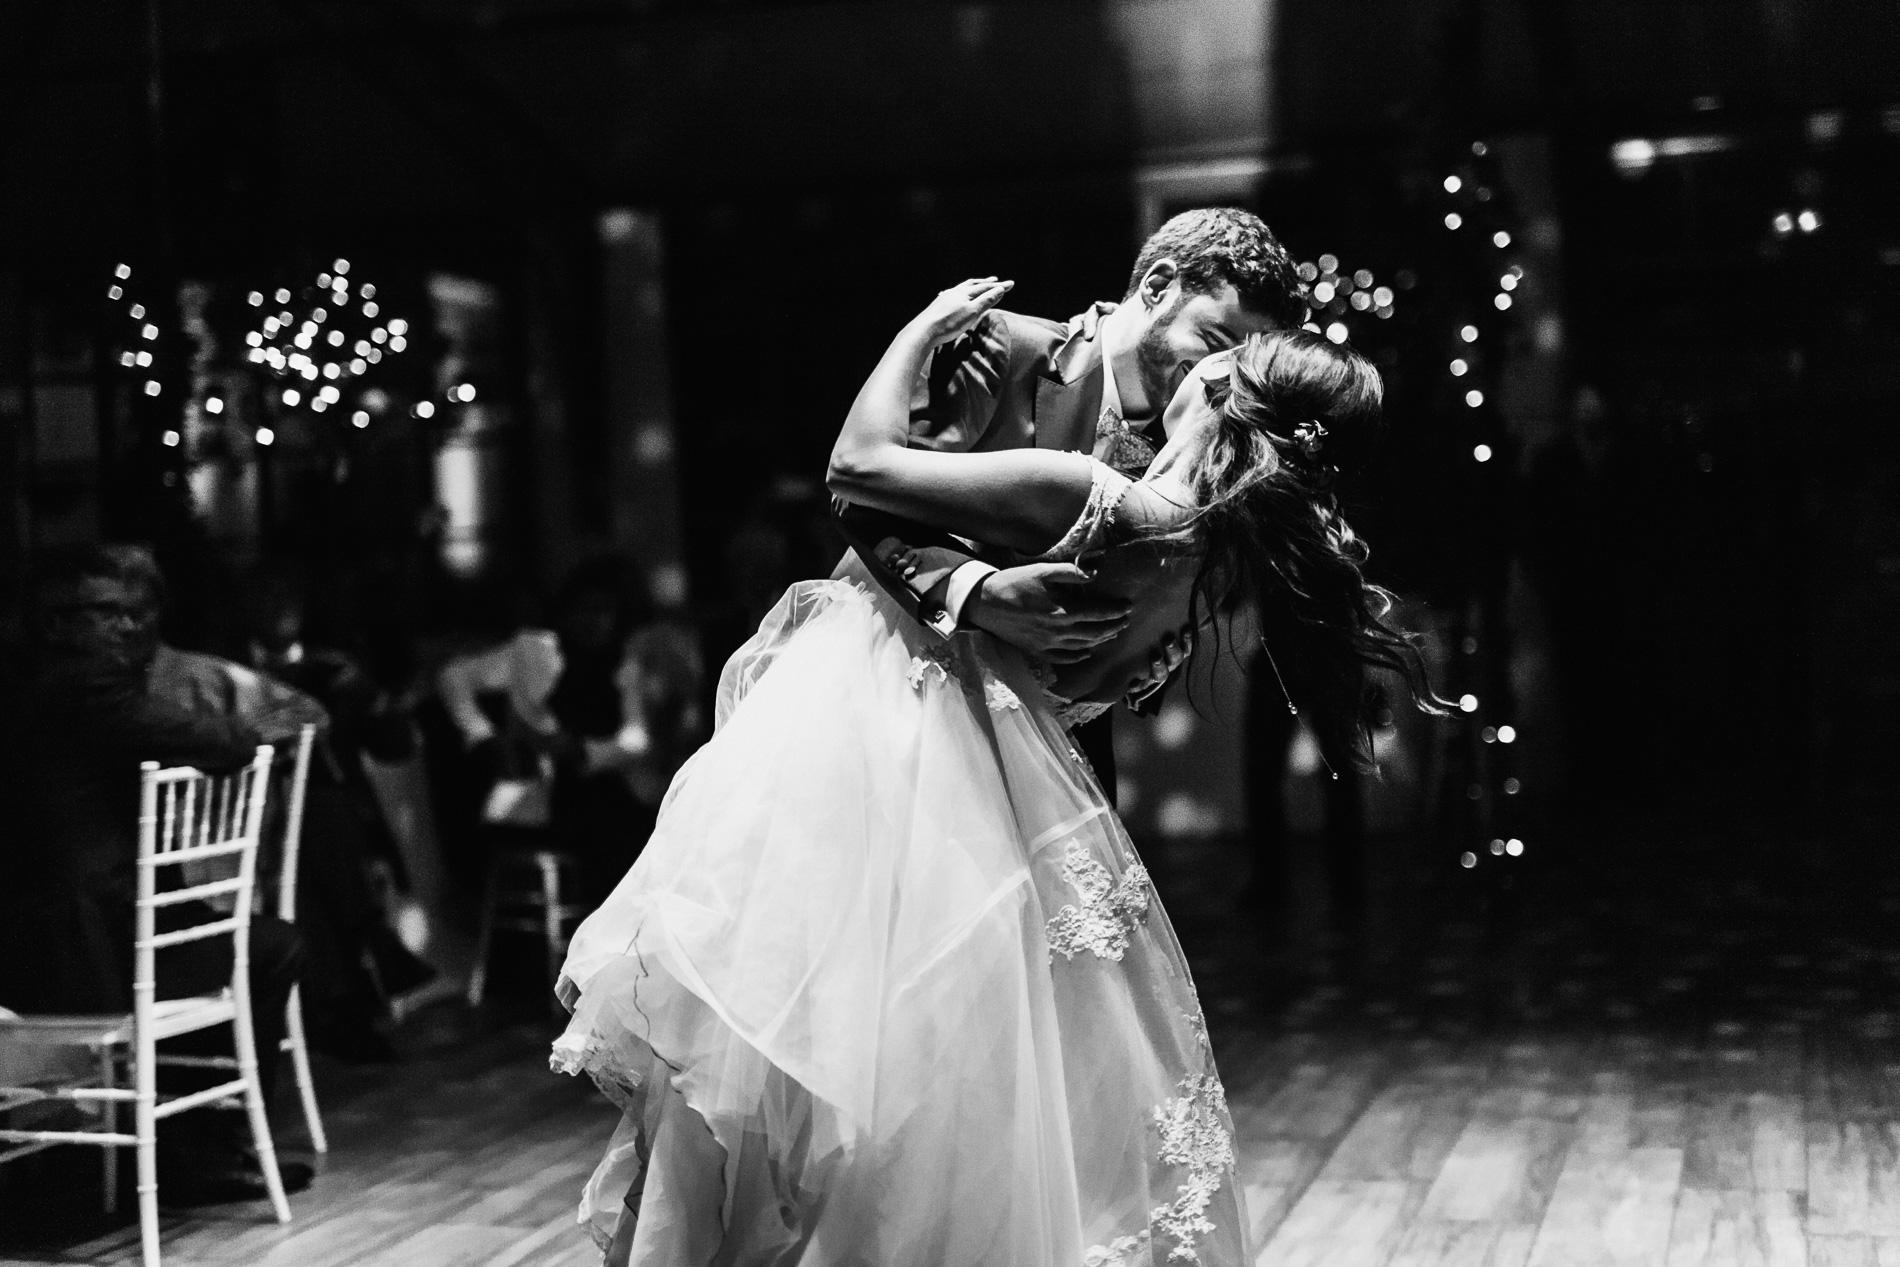 photos de soirée mariage - première danse mariés - reportage photo cérémonie laique mariage - se marier en ile de france - photographe mariage seine et marne - lucie atlann photographe